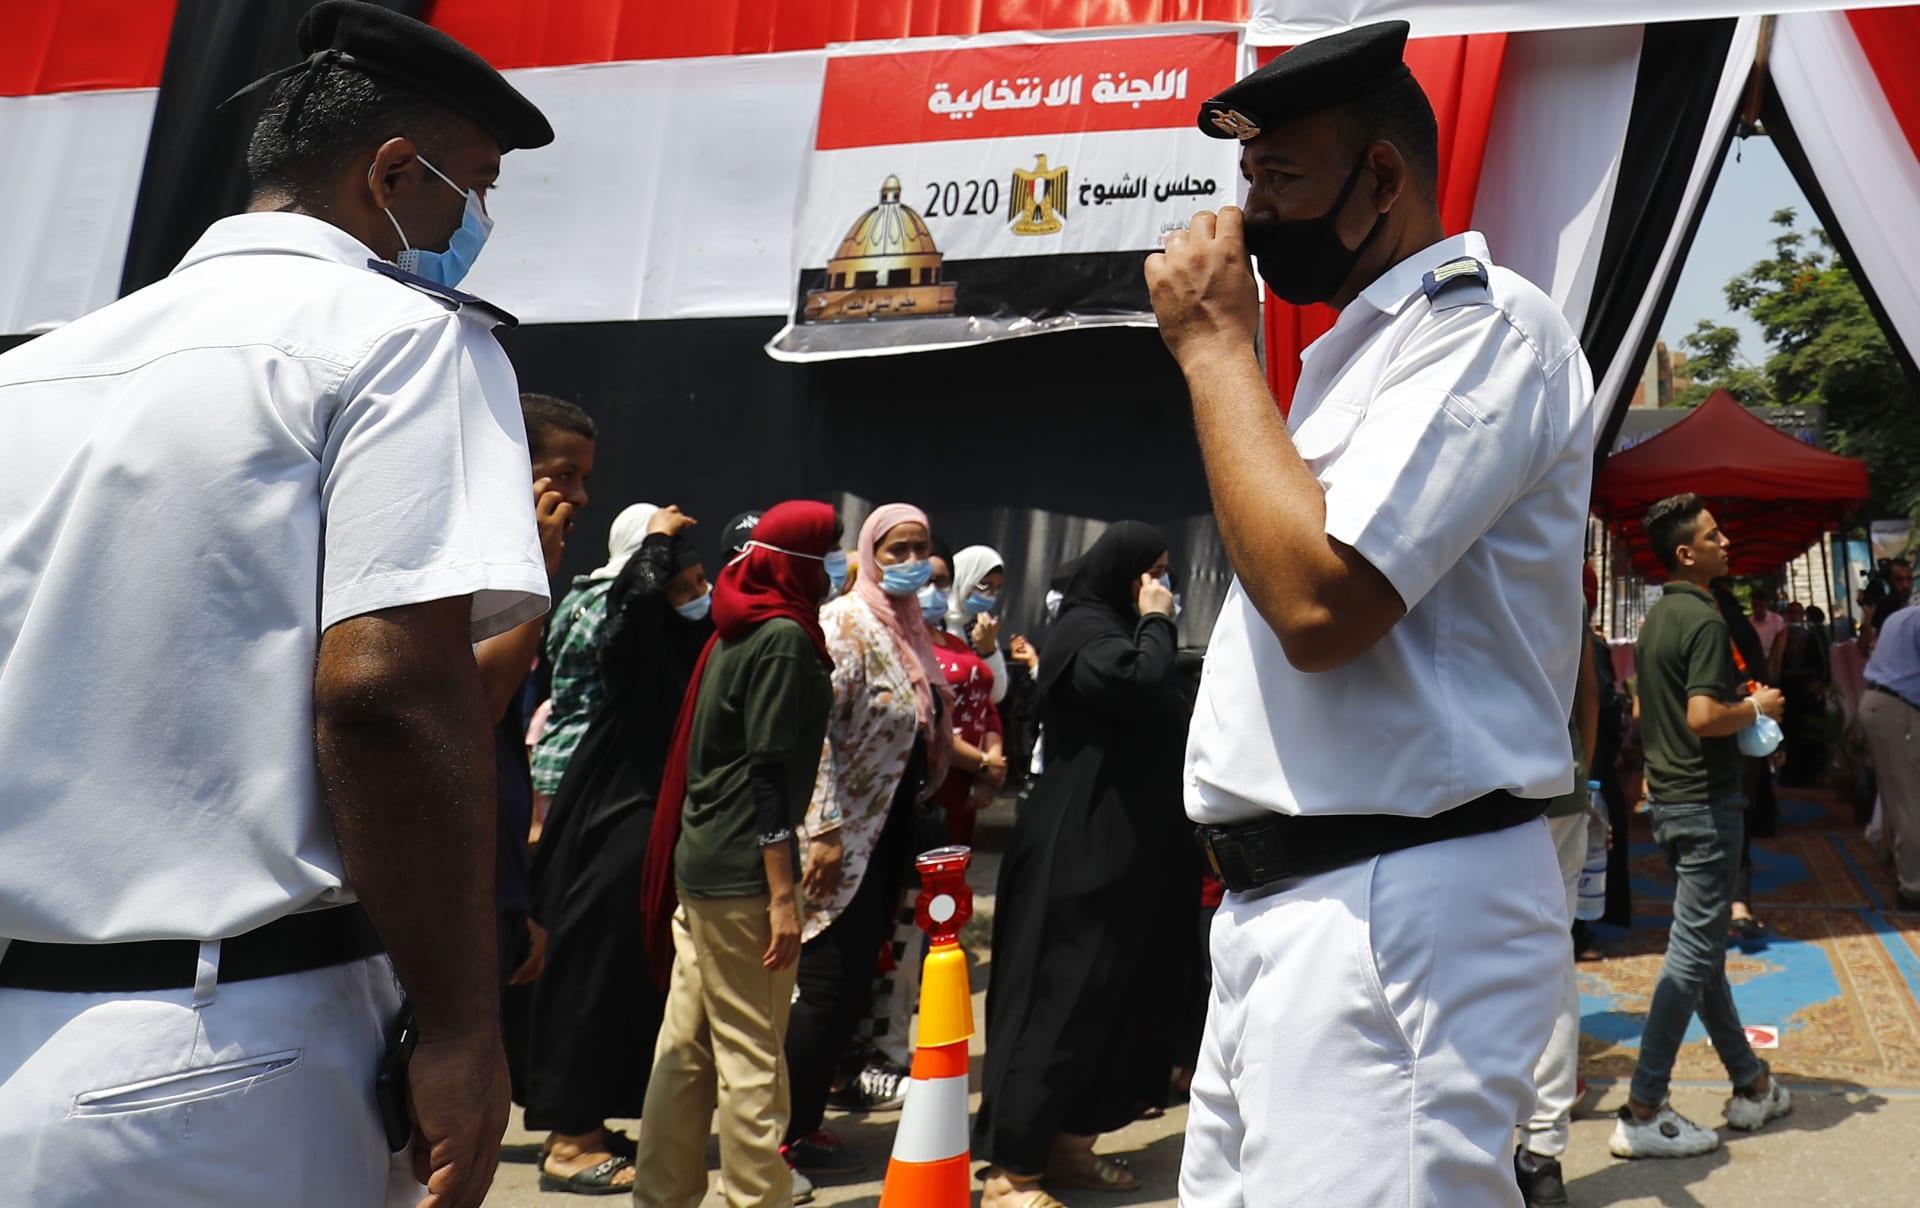 صورة أرشيفية من انتخابات مجلس الشيوخ في مصر 2020